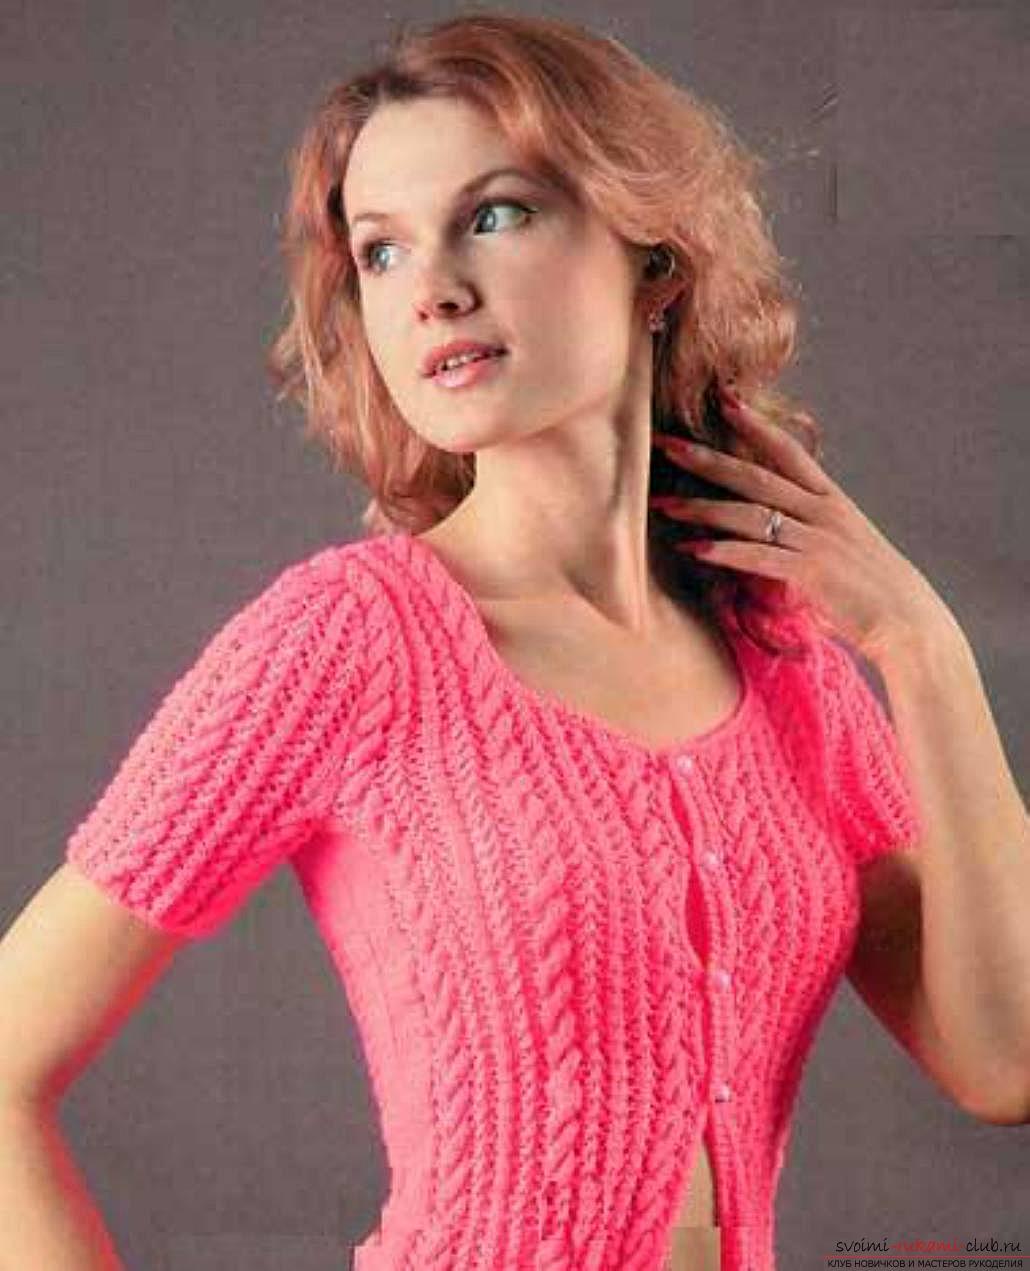 Images for схема вязания кофты спицами для женщин. вышивка бисером единорог